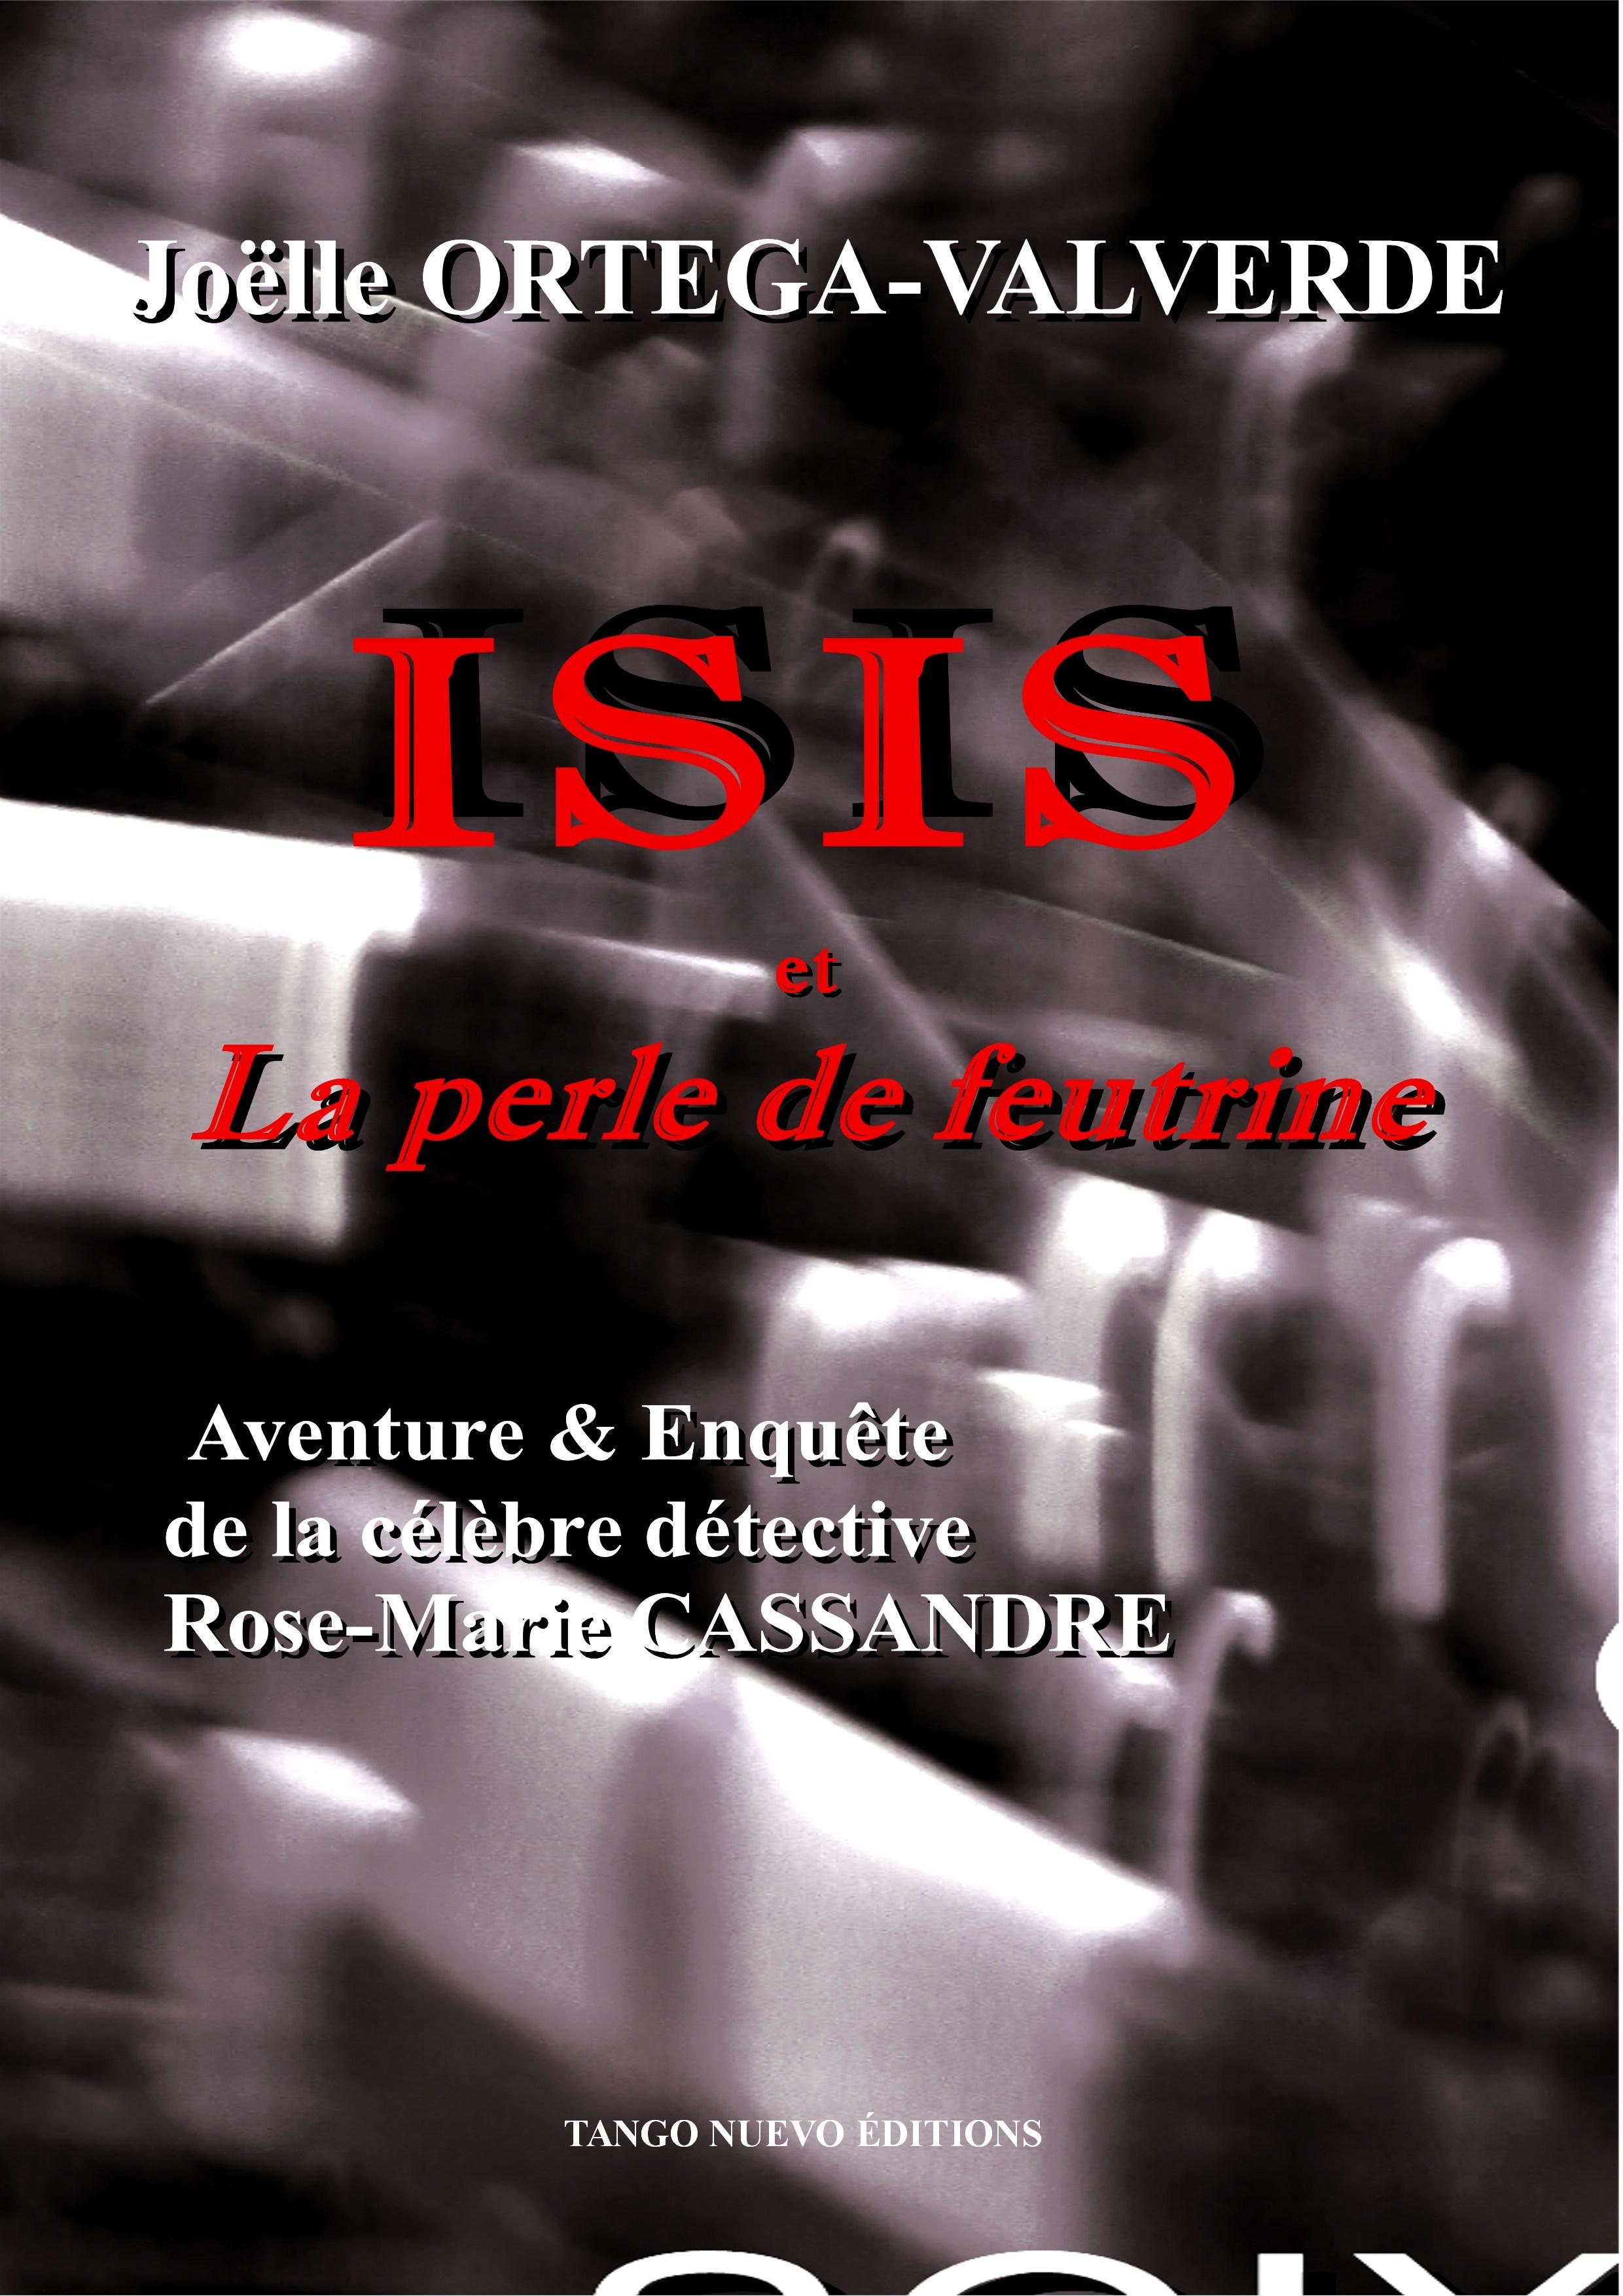 ISIS ET LA PERLE DE FEUTRINE